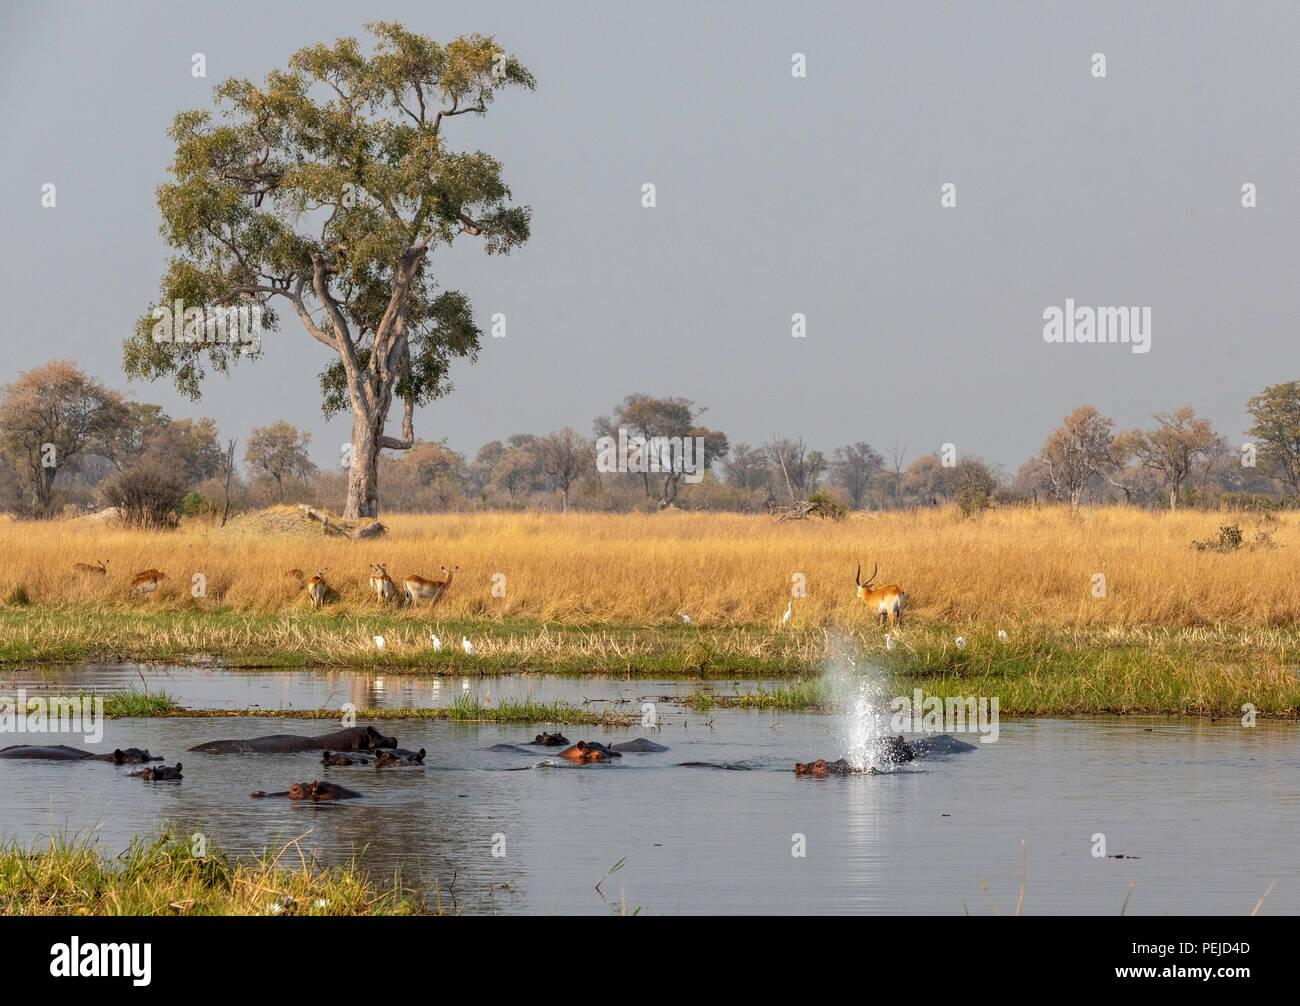 Troupeau d'hippopotames dans la rivière, piscine , un souffle de l'eau, Réserve privée Khwai, Okavango Delta, Botswana Photo Stock